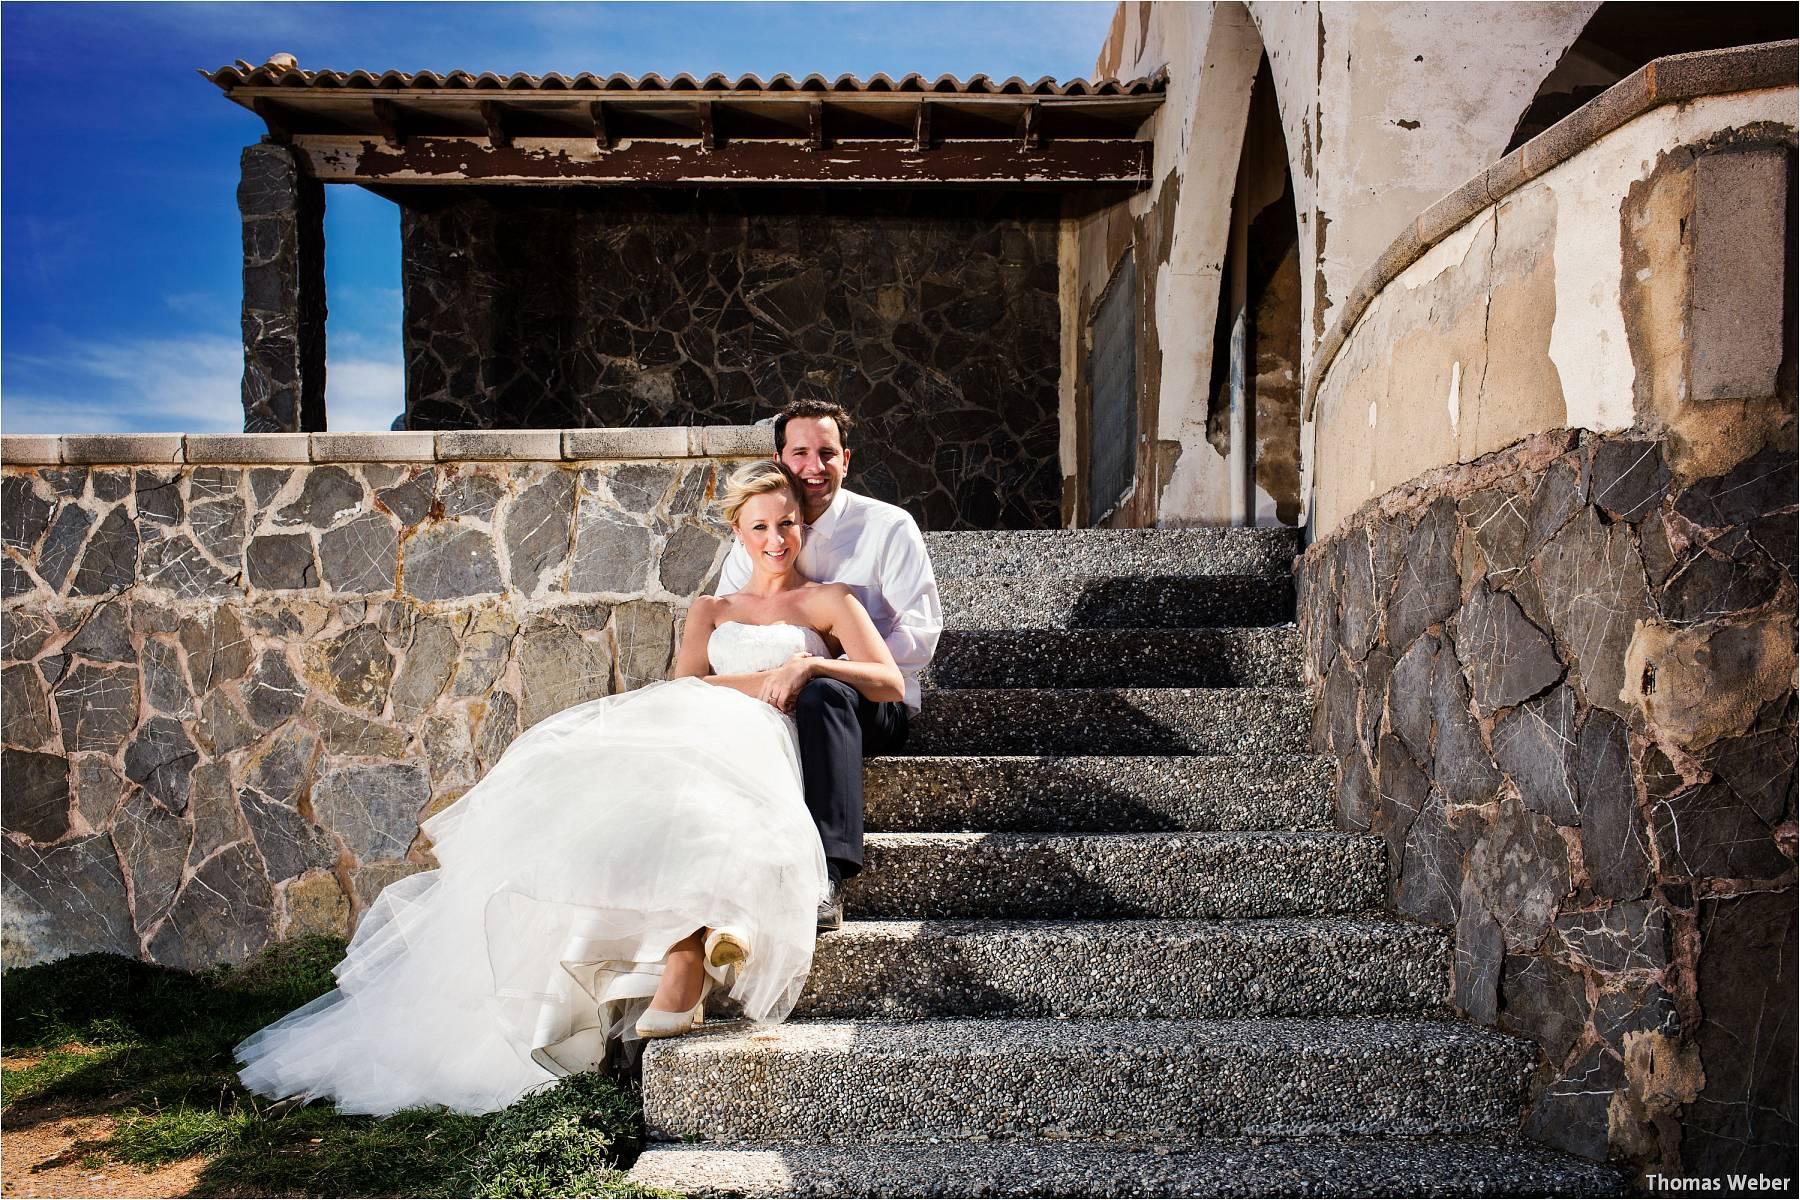 Hochzeitsfotograf Mallorca: Hochzeitsportraits beim After Wedding Shooting auf Mallorca (9)